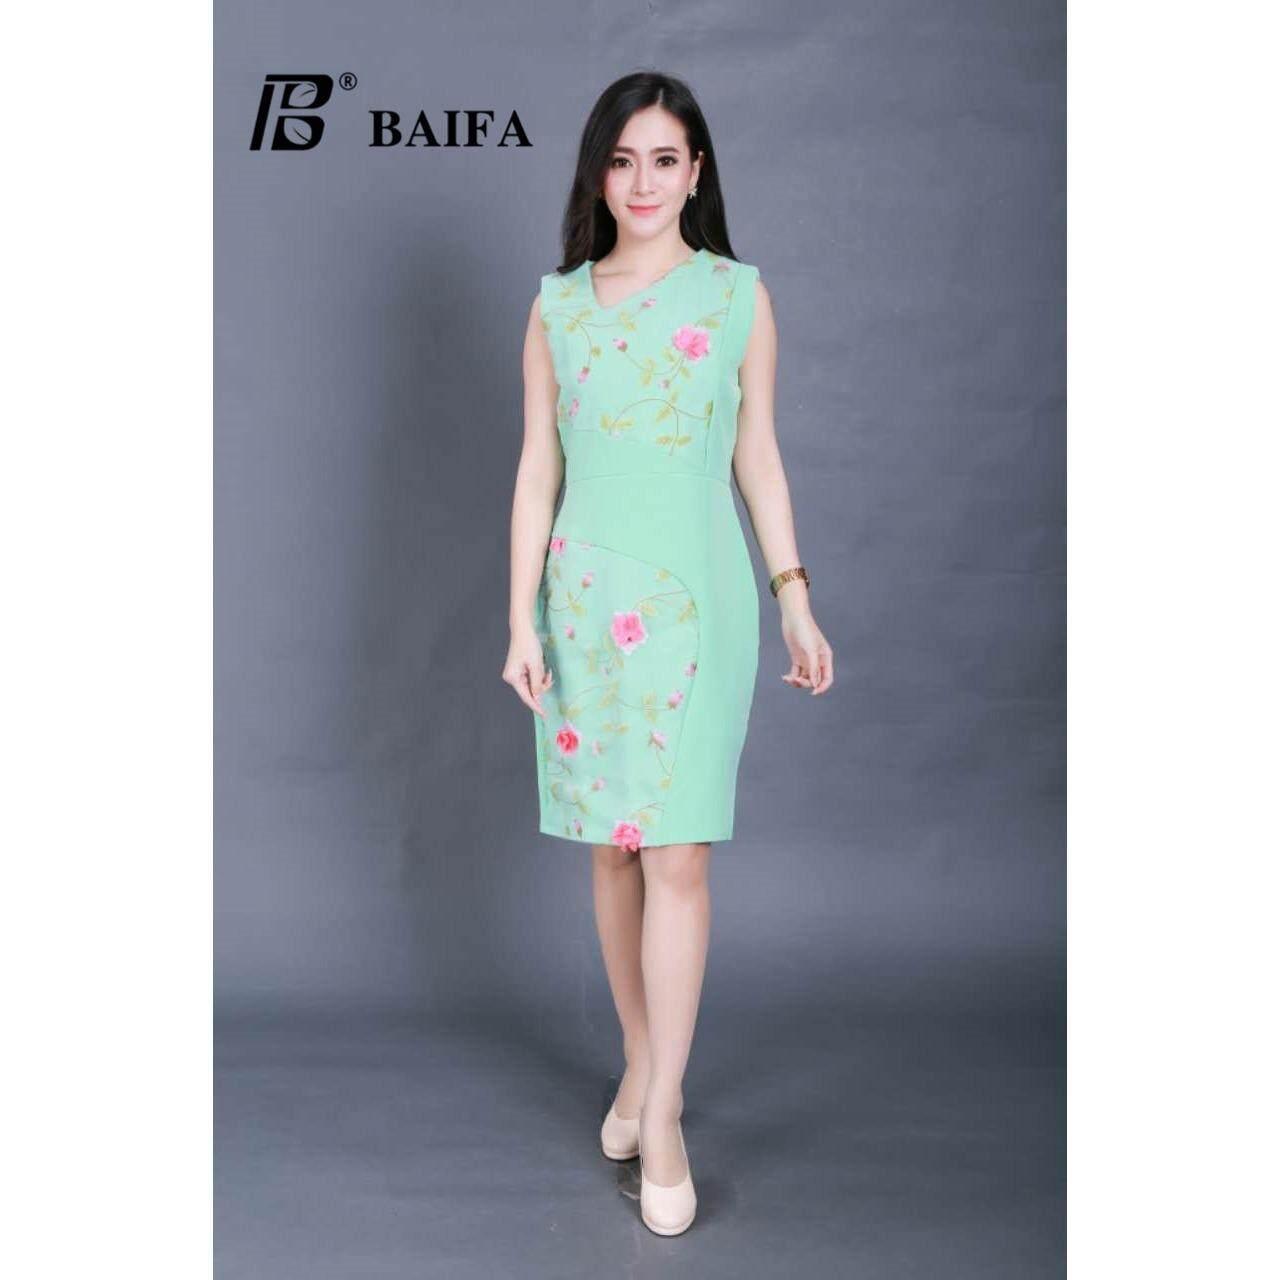 ขาย Baifa Shop ชุดเดรสผ้า มีซิปหลัง ทรงสวิงอย่างดี รุ่น 3301 เป็นต้นฉบับ